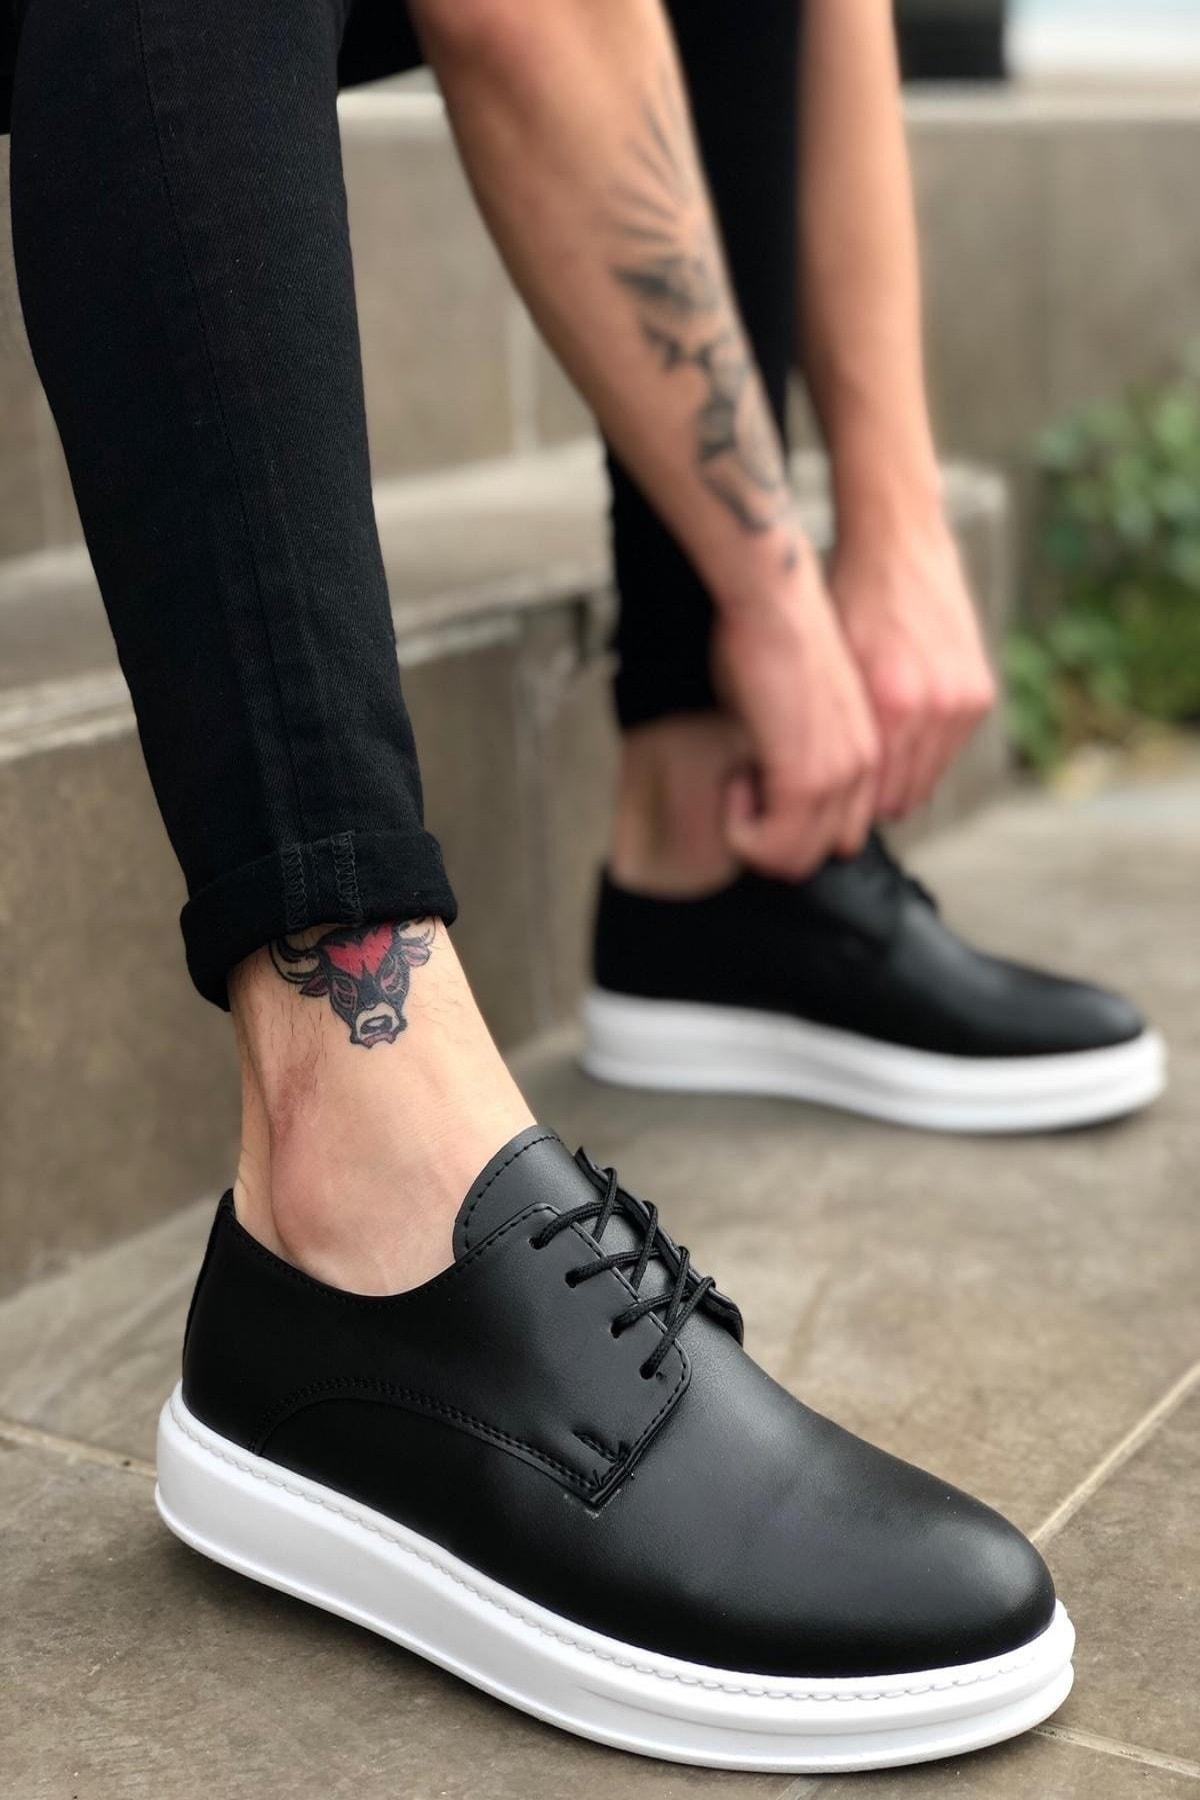 MF MARKA SHOES Vip Comfort Casual Ortopedik Erkek Günlük Ayakkabı